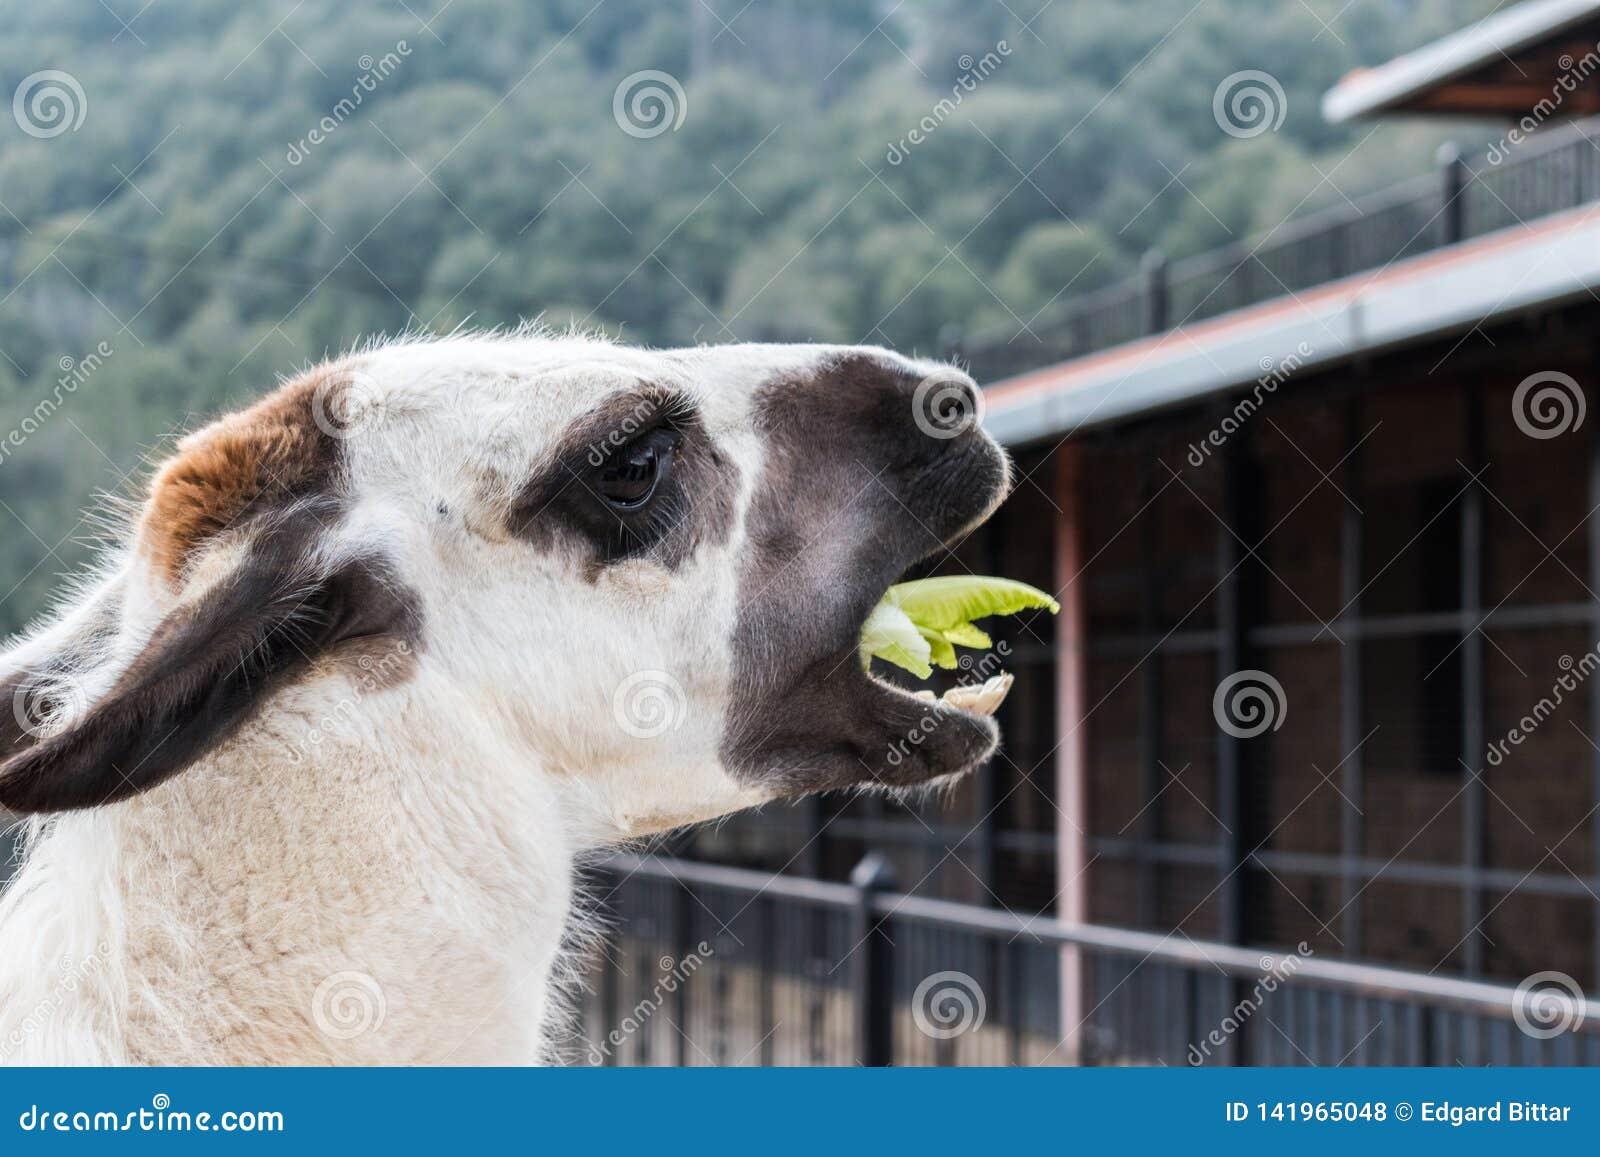 Animale del lama mentre mangiando alimento